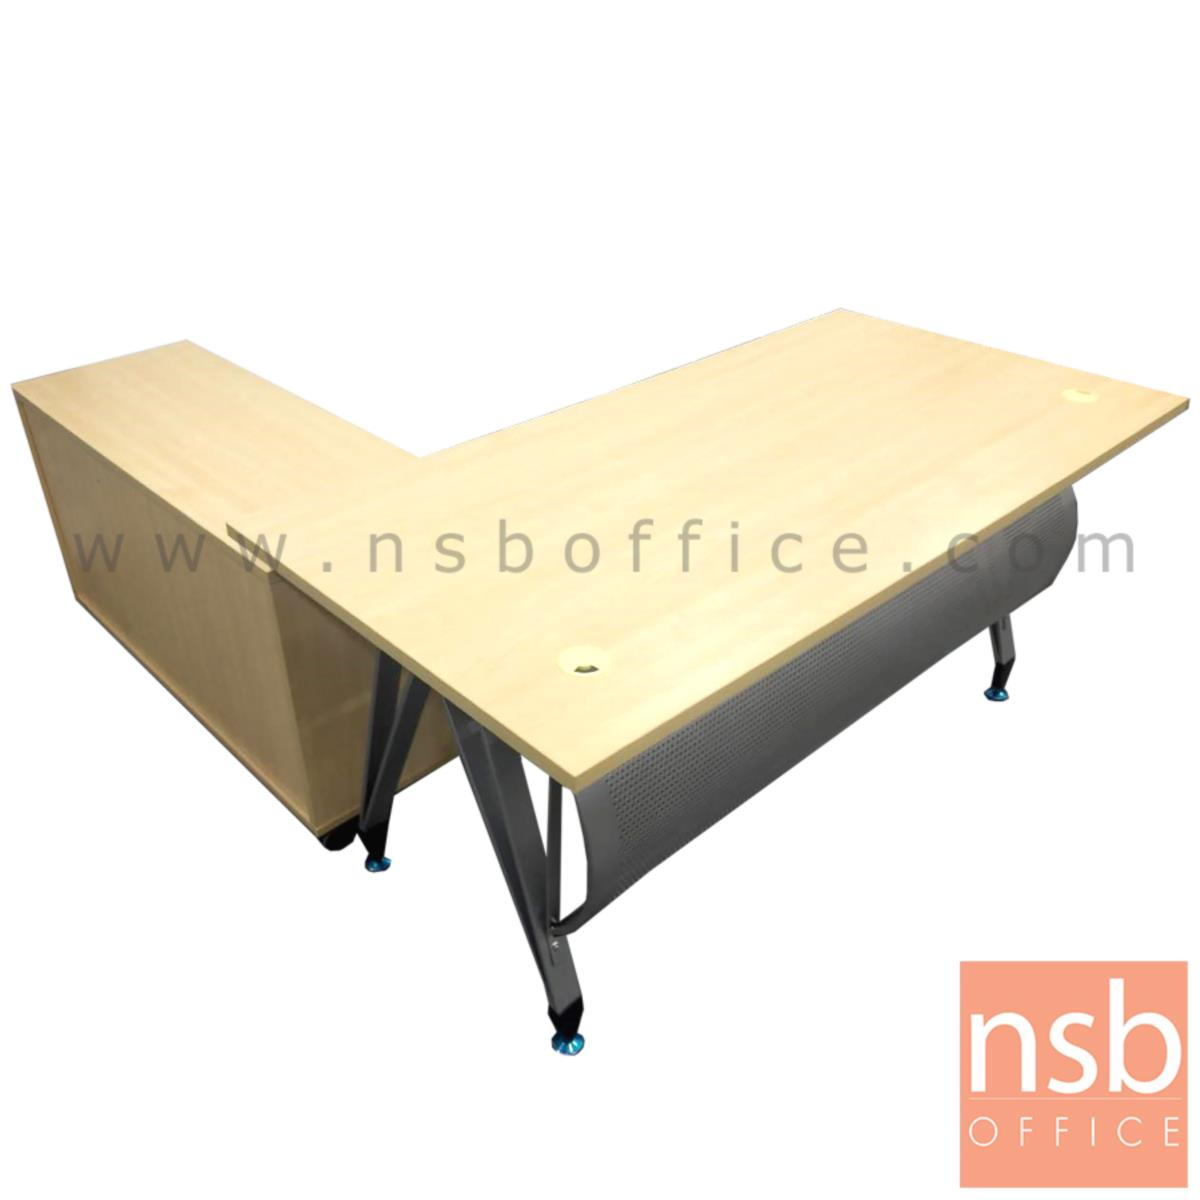 โต๊ะผู้บริหาร ขาตัวเอปลายแหลม พร้อมตู้ข้าง รุ่น G2050 ขนาด 160W พร้อมบังตาโค้งสีเงิน